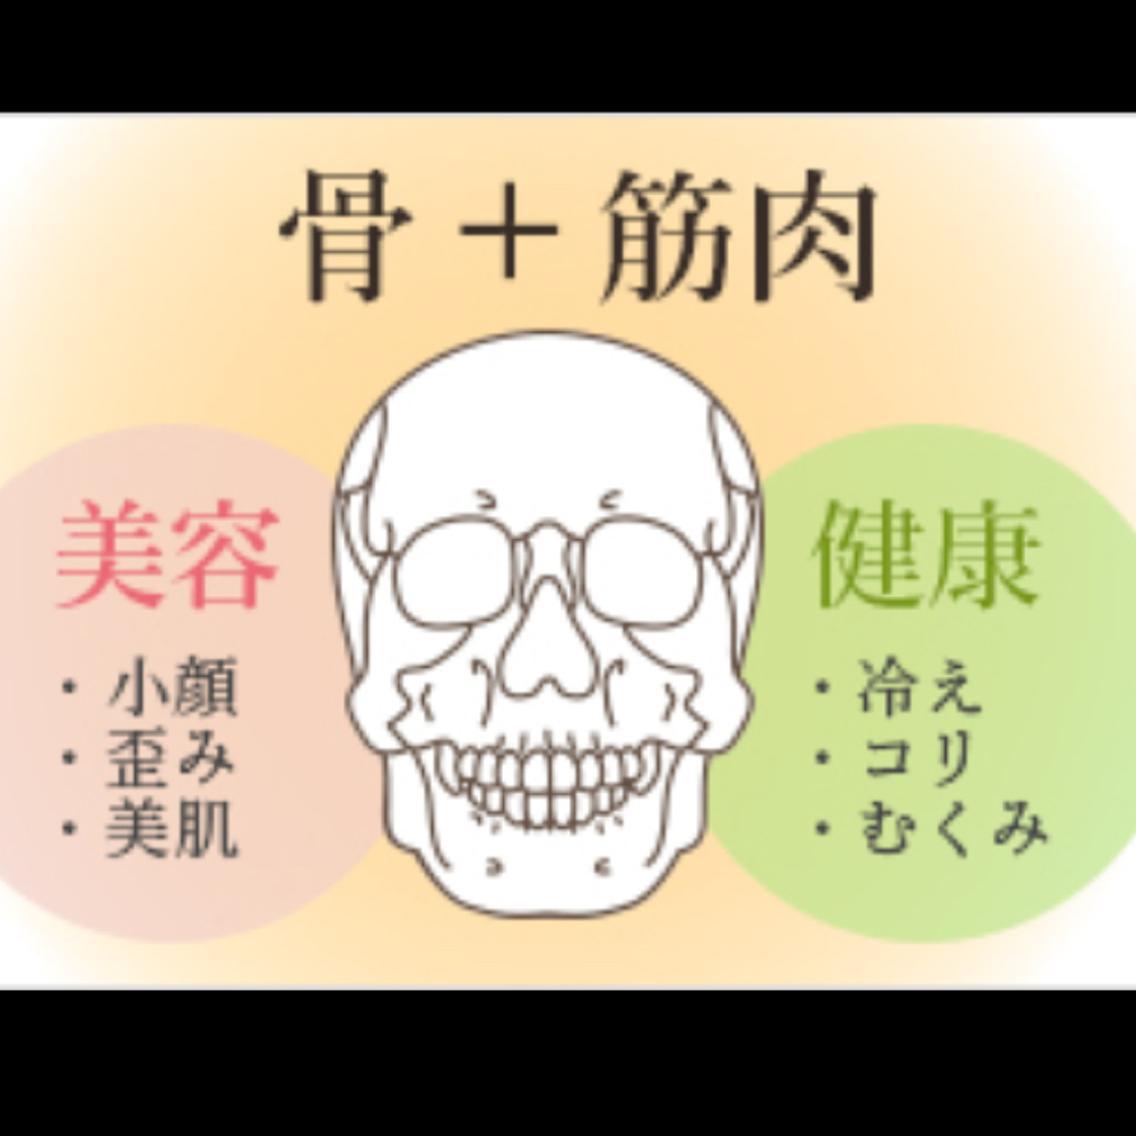 【安城】コルギモデル募集❗️期間限定‼︎一時間2500円❤️セルフホワイトニング2500円‼️駐車場あり✨